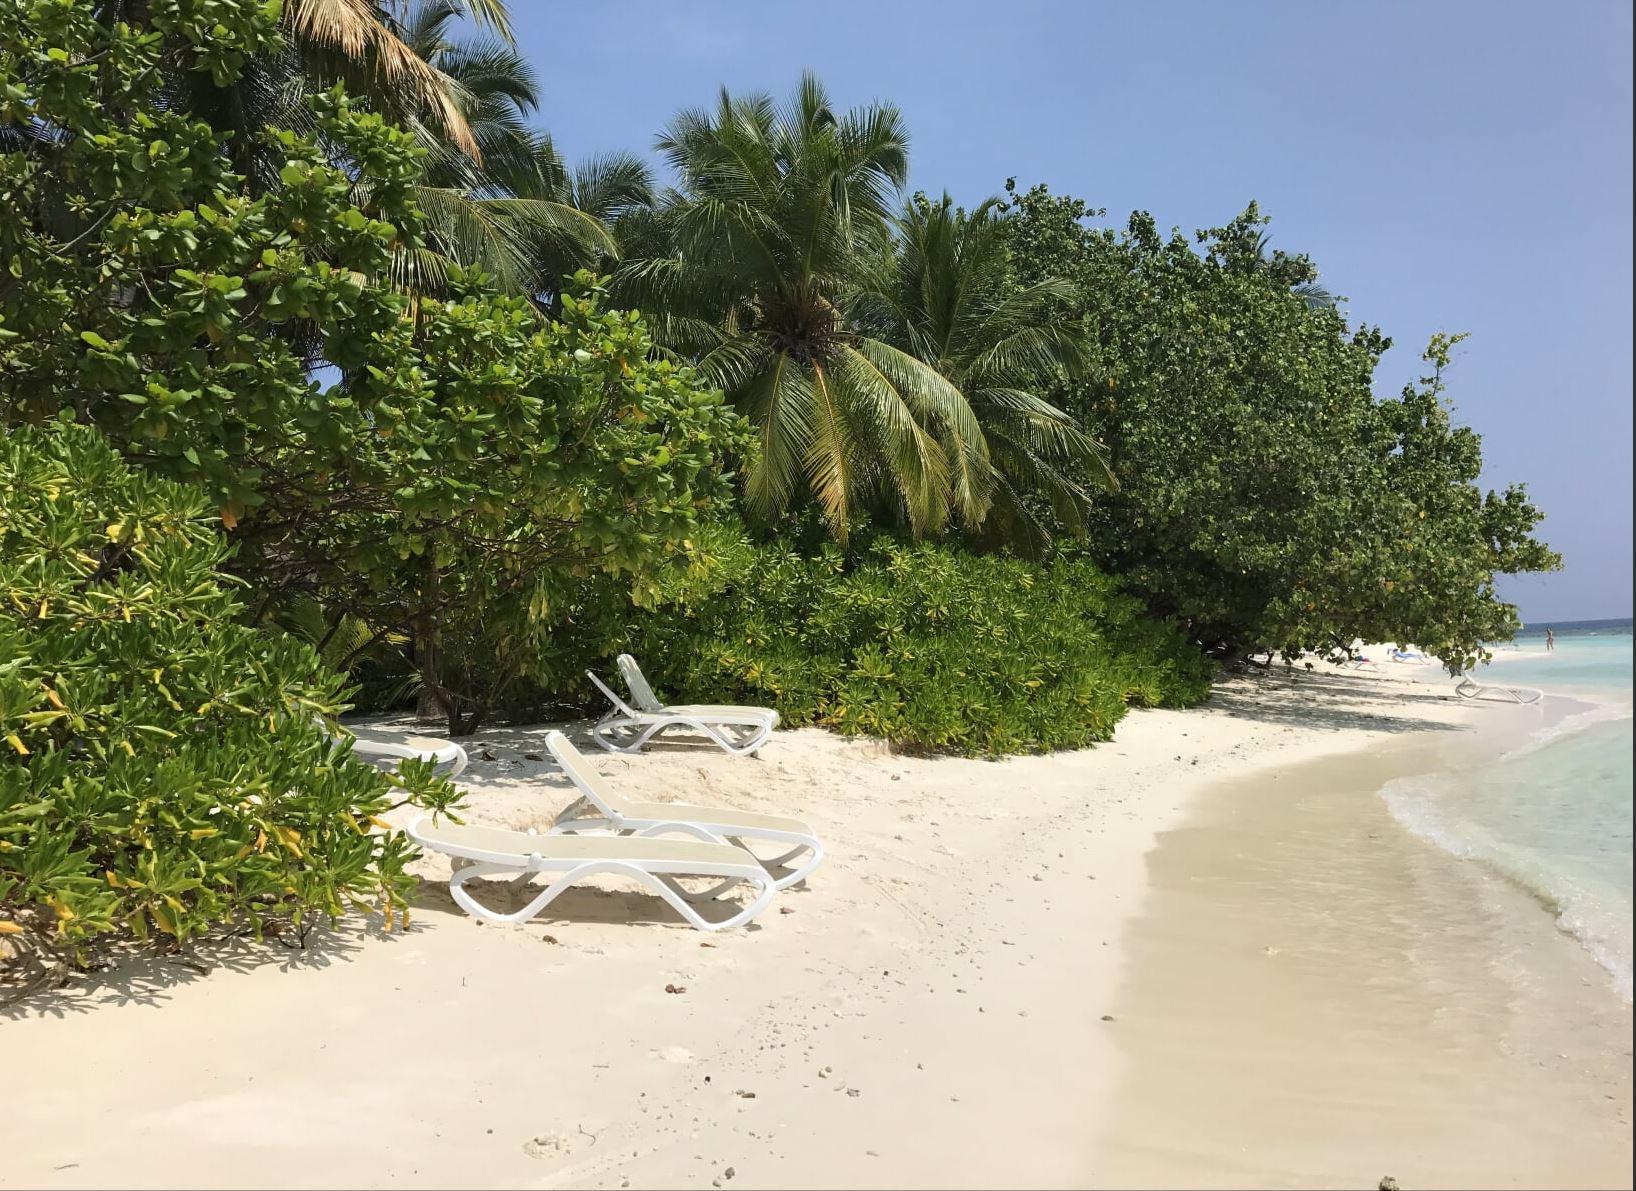 The beach on the snorkeling side of Kuramathi